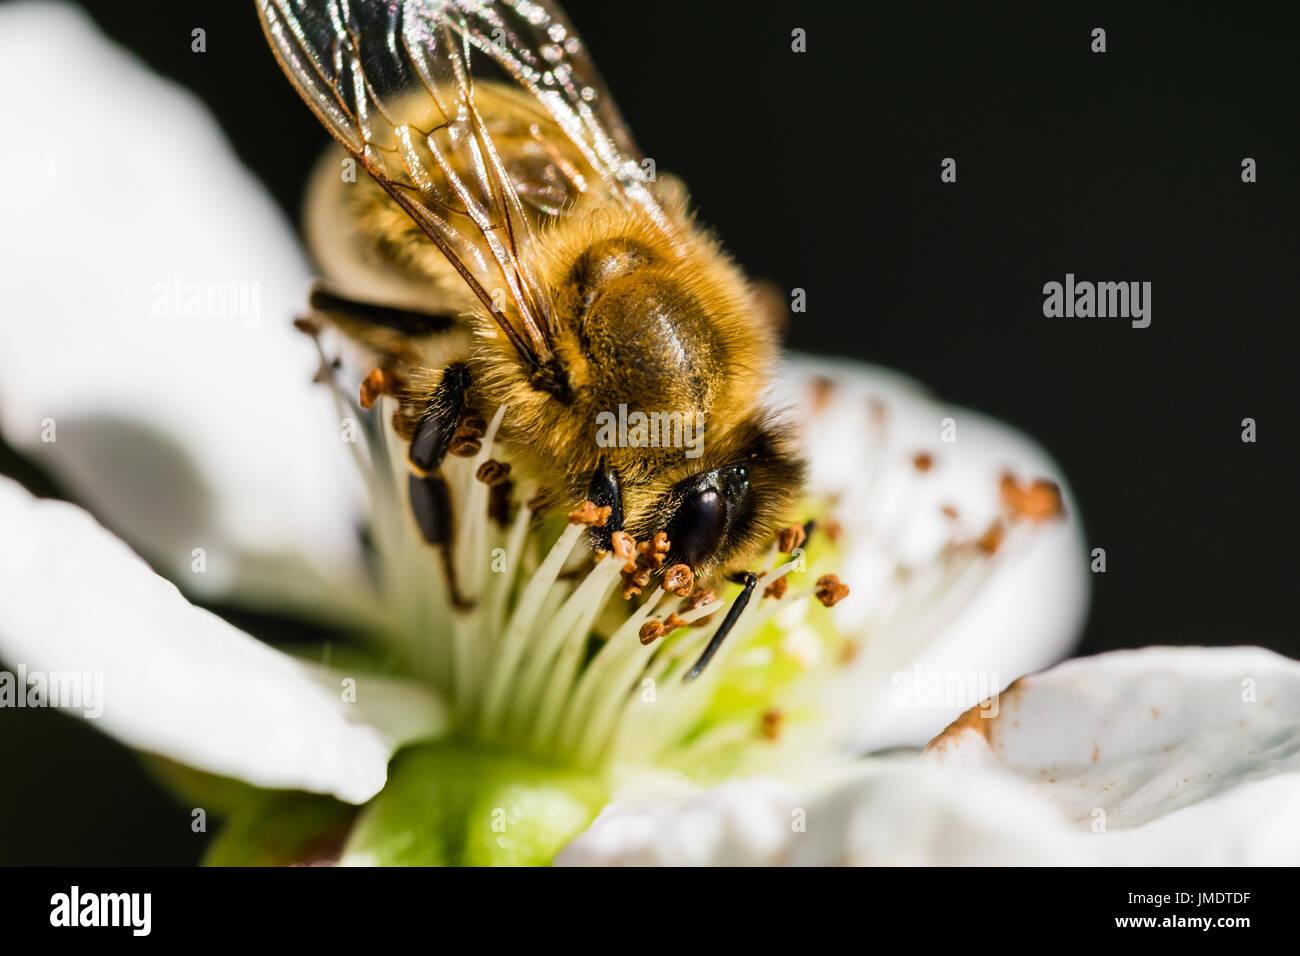 L'abeille européenne pollinisant une petite fleur blanche de printemps dans la prairie. Un plan macro avec un arrière-plan flou. Photo Stock